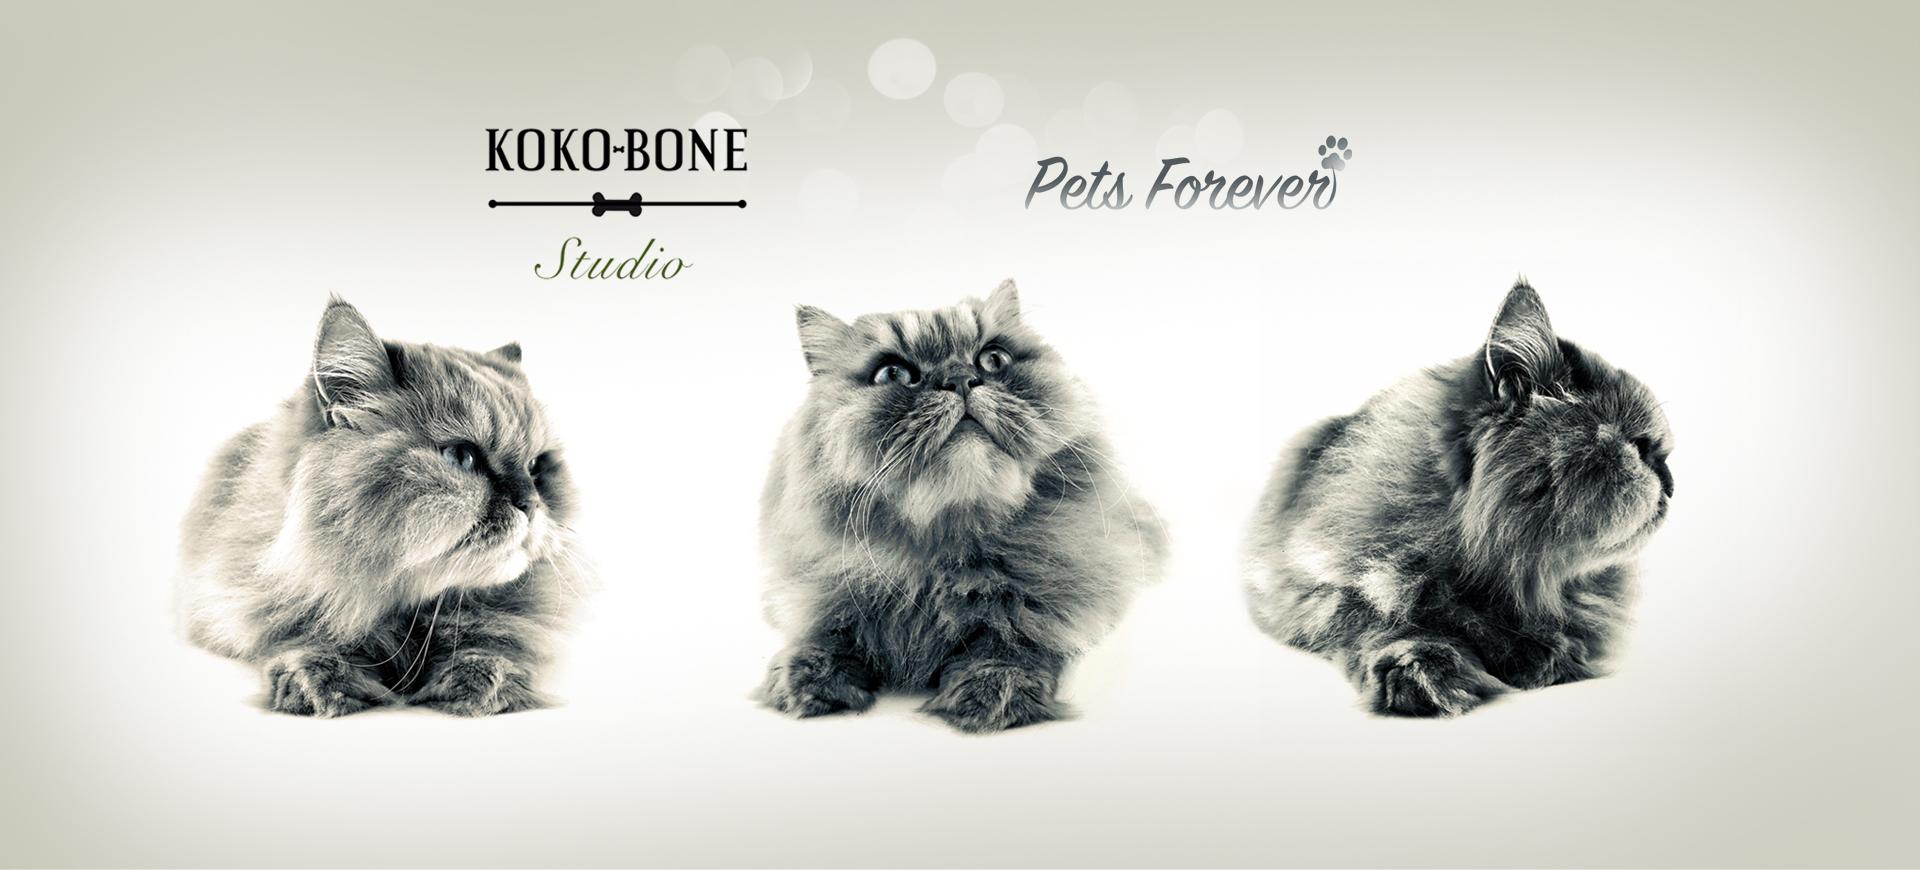 kokobone_gallery_3cats